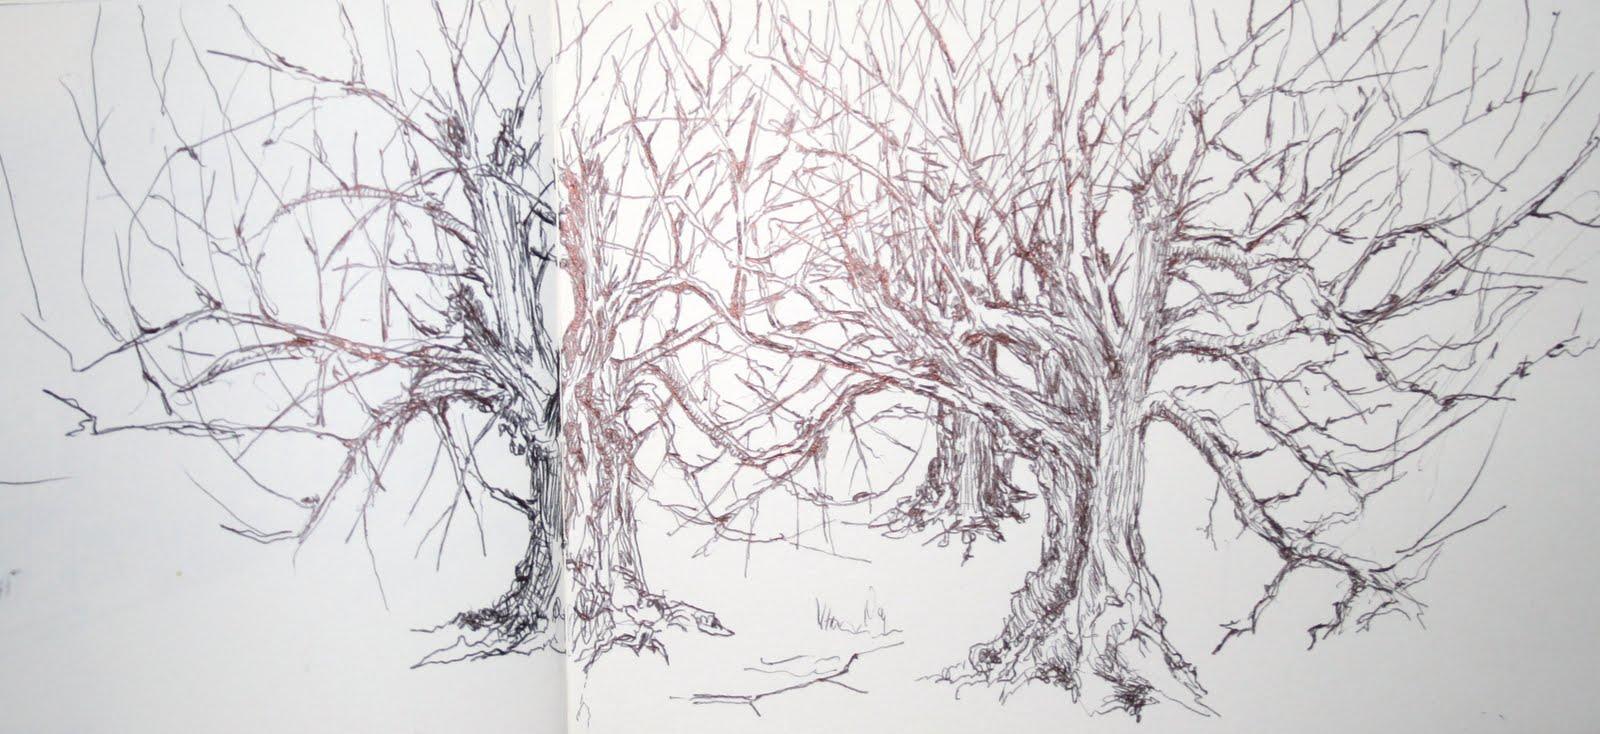 Arboles Secos Png Los árboles Secos Este Mundo